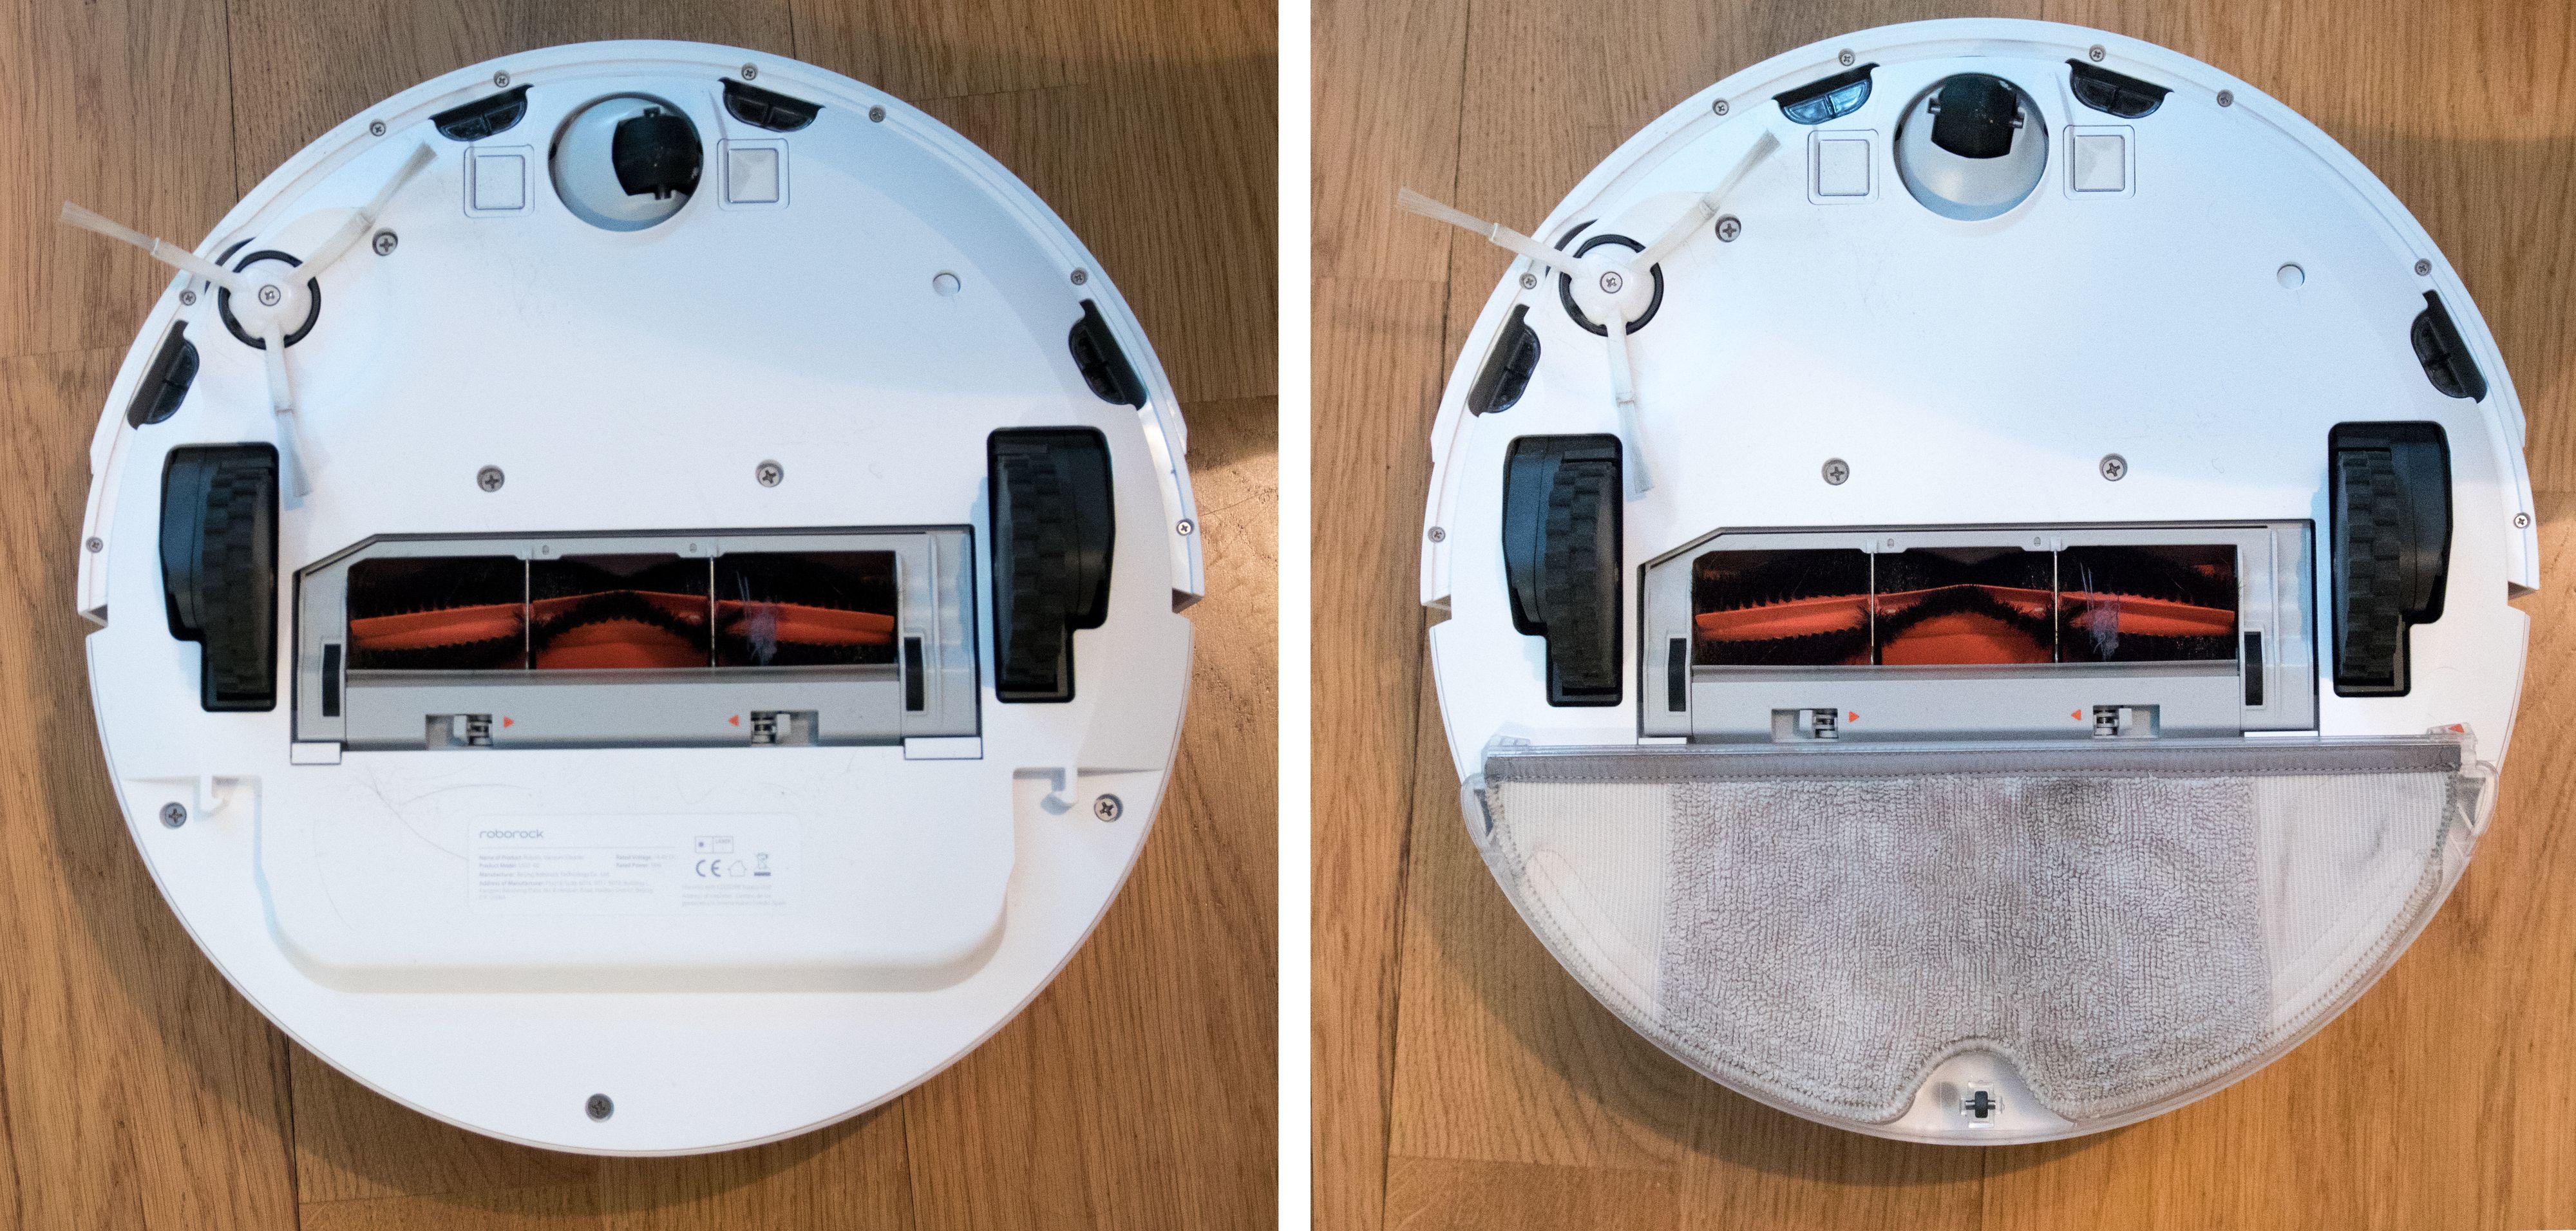 Undersiden av robot, med og uten vaskemopp.